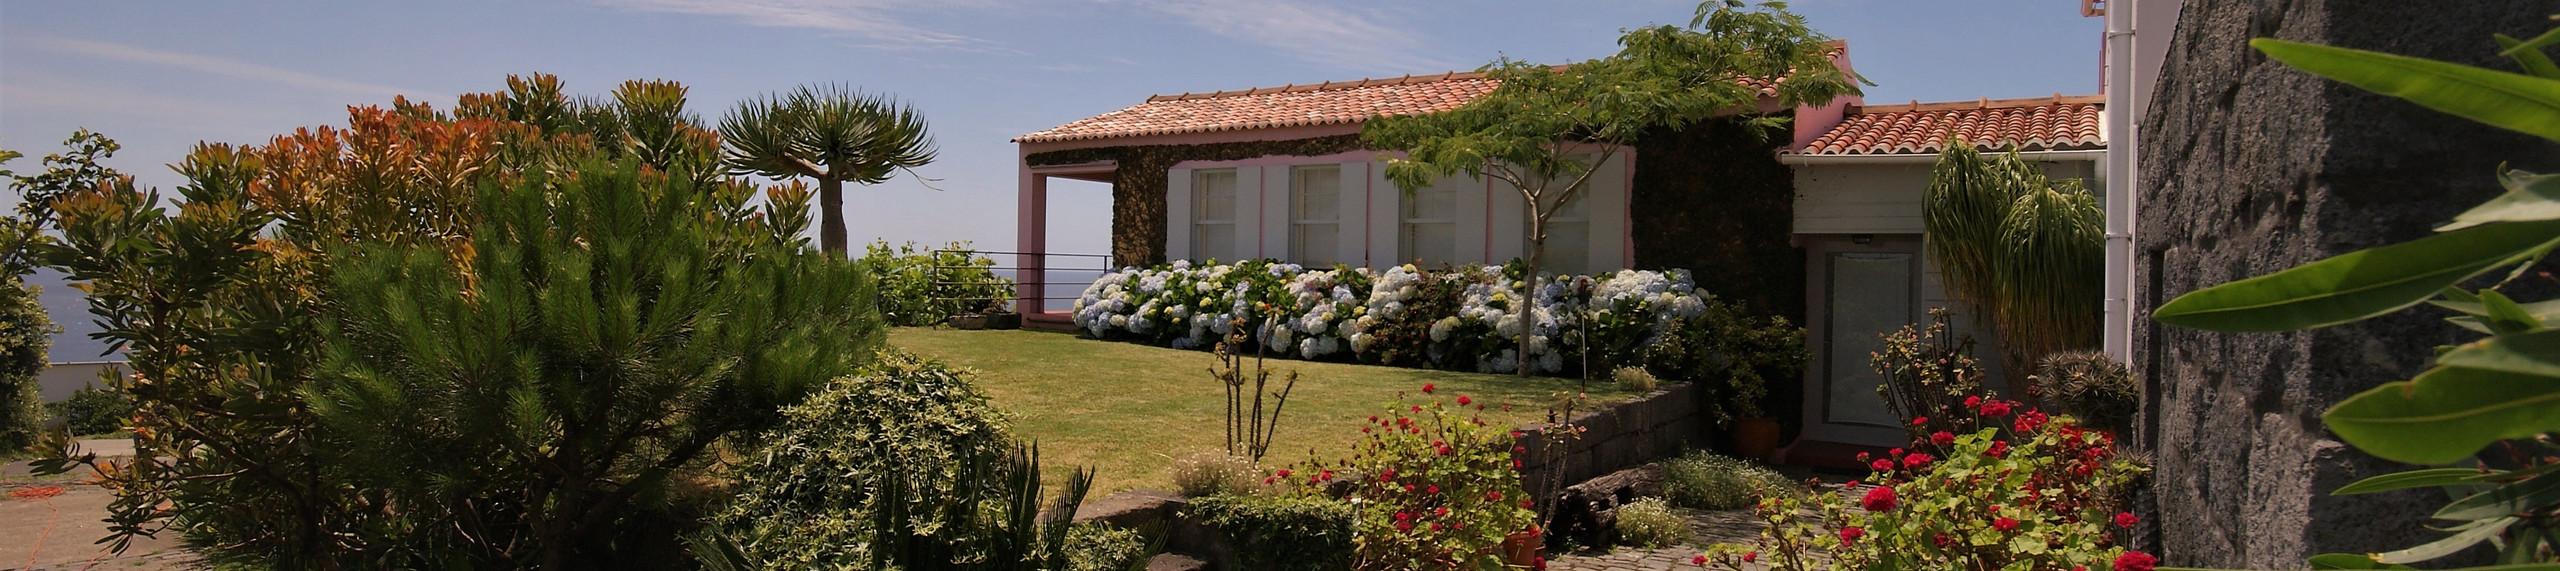 Quinta da Meia Eira - Casa Principal